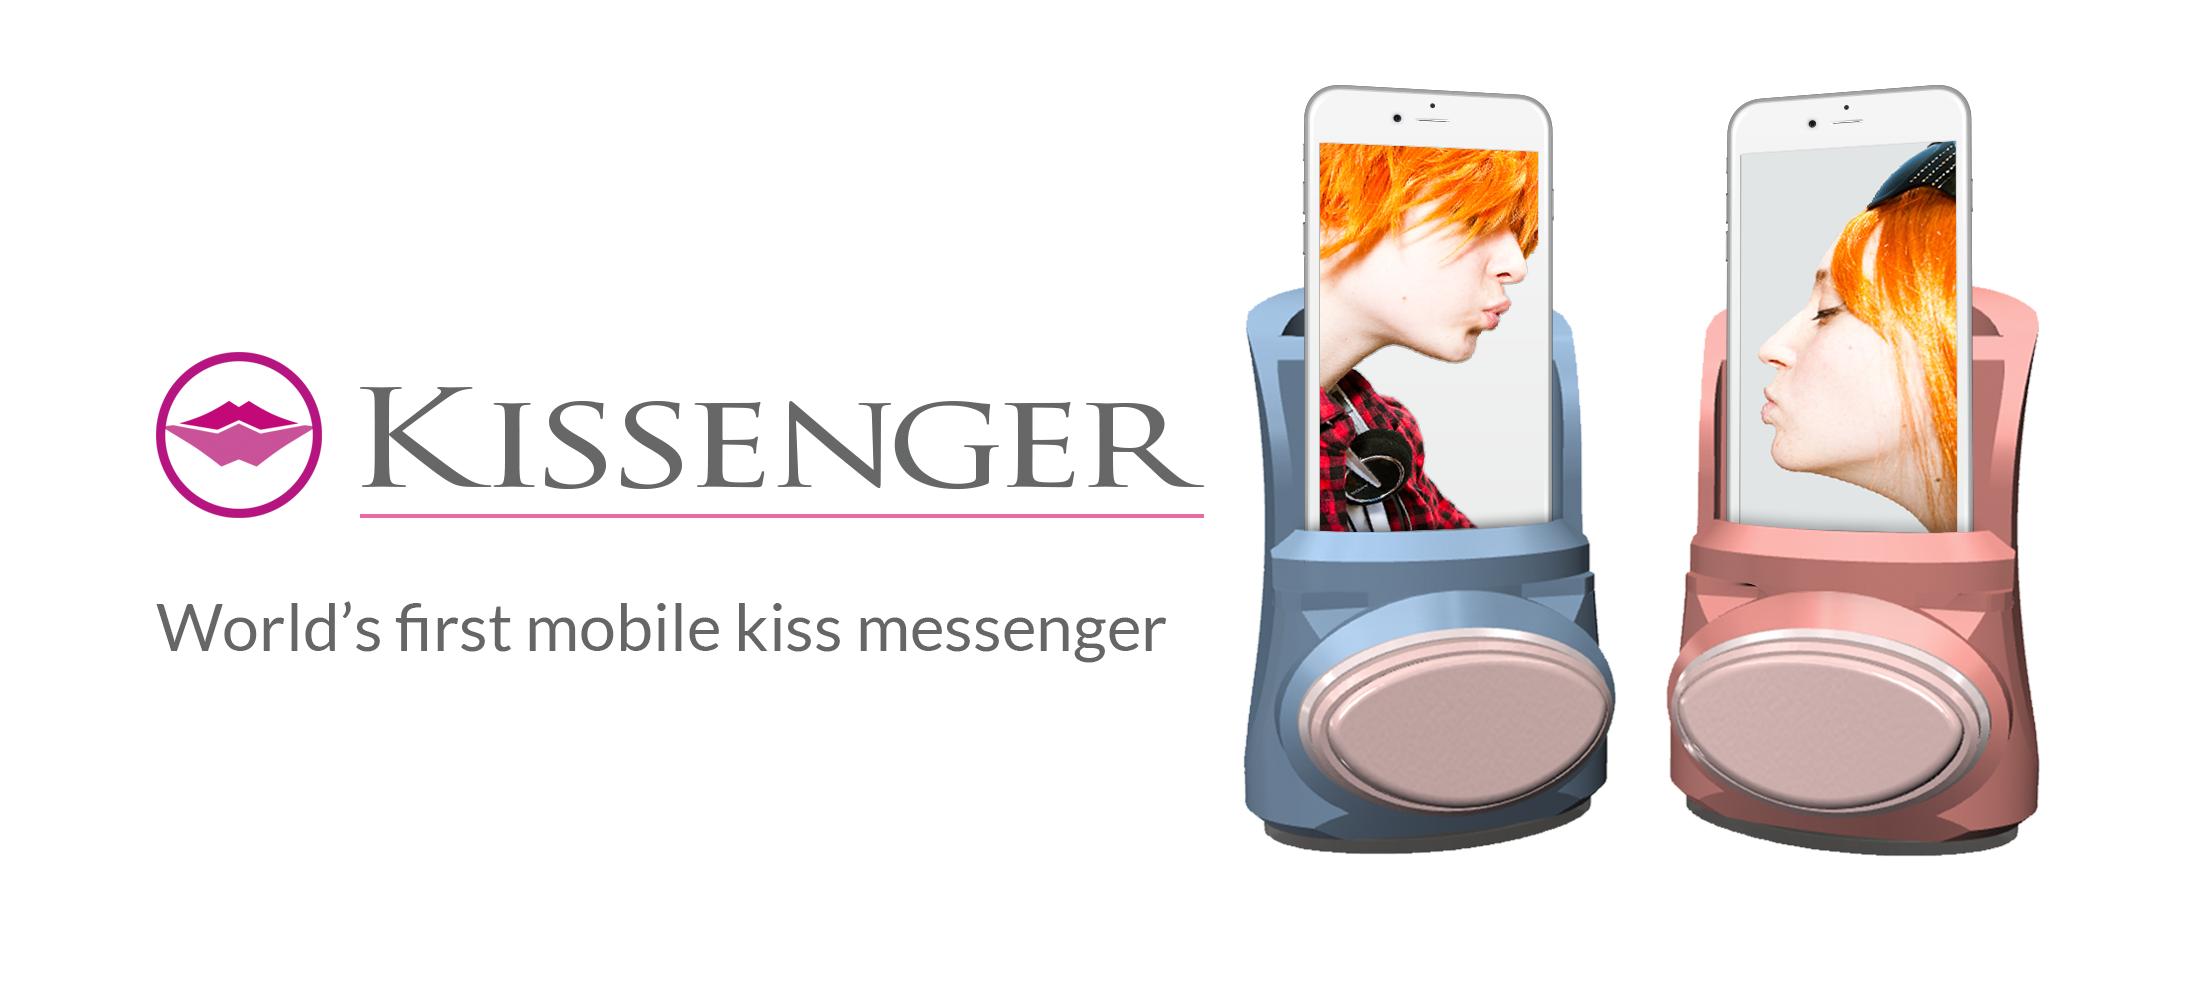 遠距離でもキスができるまさかのデバイス「Kissenger」が凄そう